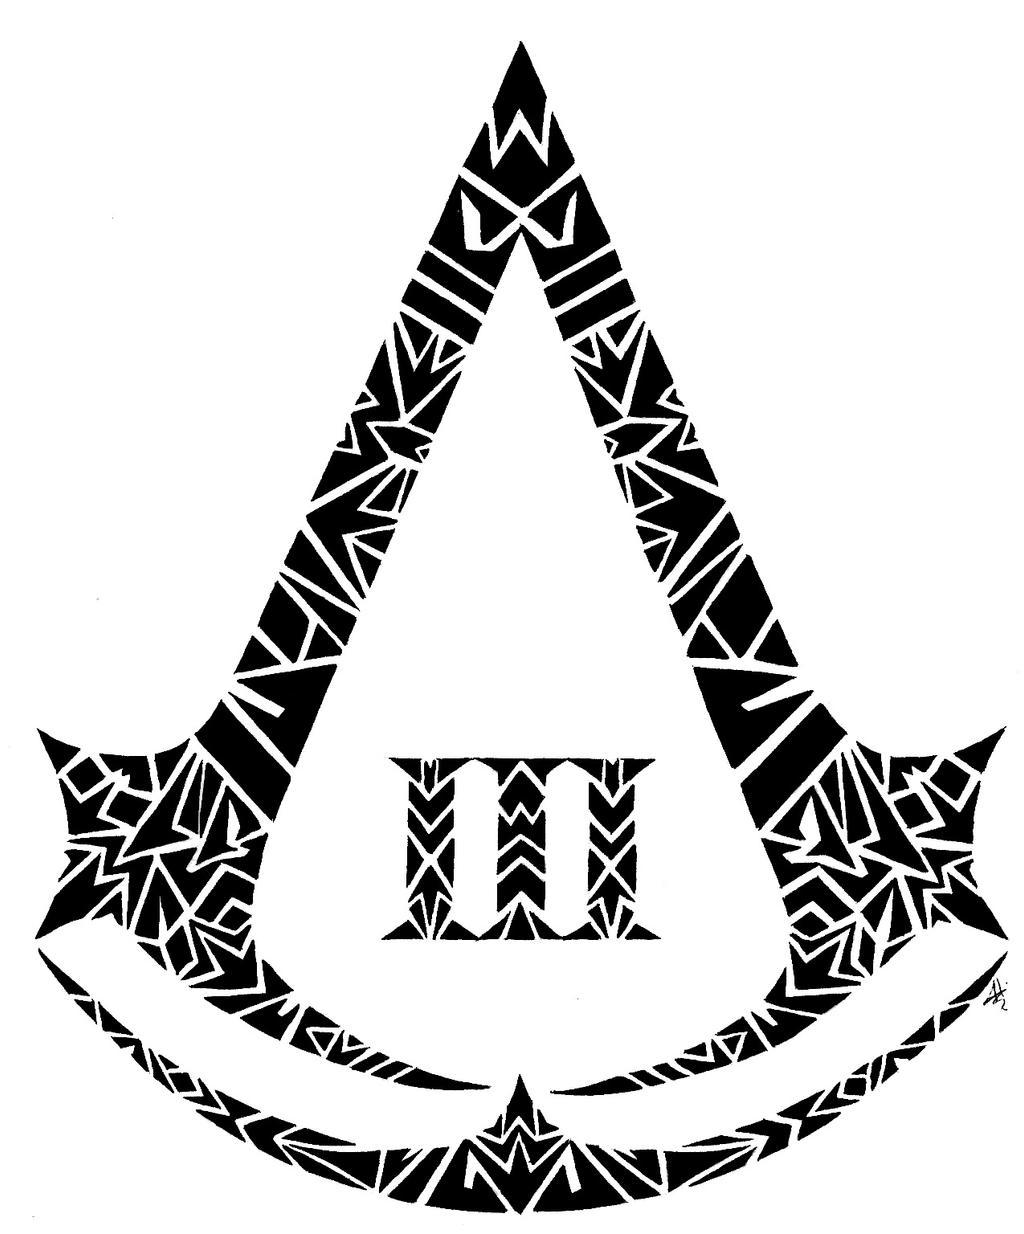 Assassin's Creed 3 Tribal Logo